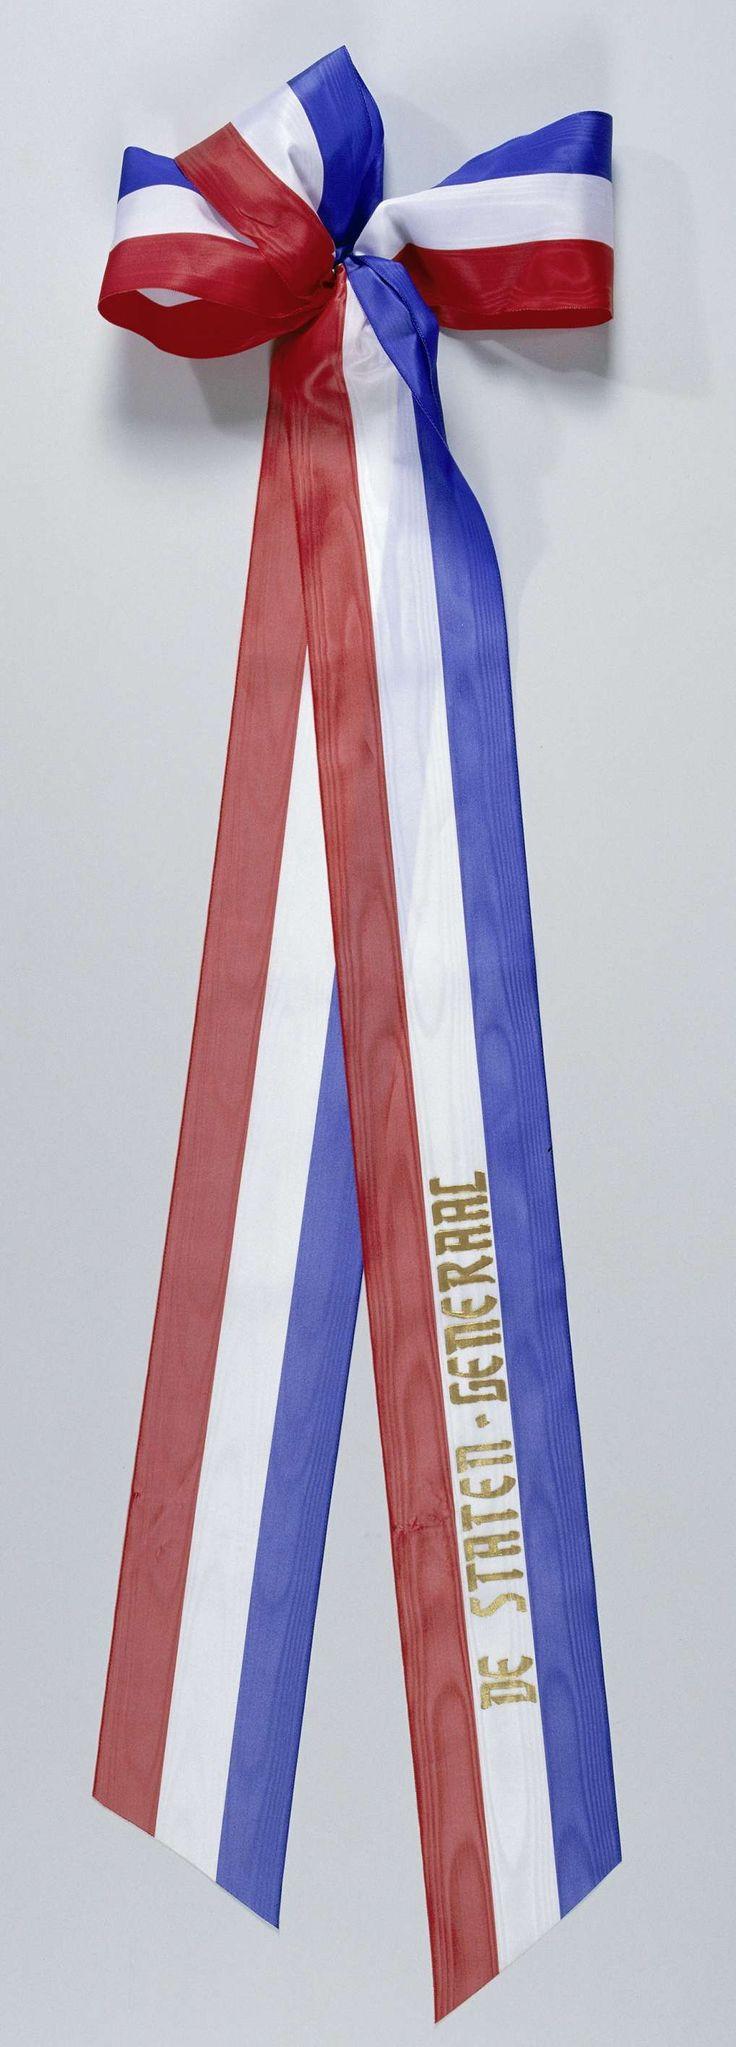 Anonymous | Lint 'De Staten Generaal', Anonymous, 2000 | Twee linten met drie horizontale banen rood, wit en blauw, gelegd op 4 mei 2000 bij het Nationaal Monument op de Dam. Op het bovenste lint in de witte baan een opschrift in goud, onderste lint blanco. Uiteinden schuin afgeknipt. Aan een zijde samengebonden met ijzerdraad, deze is gebogen t.b.v. bevestiging aan krans.